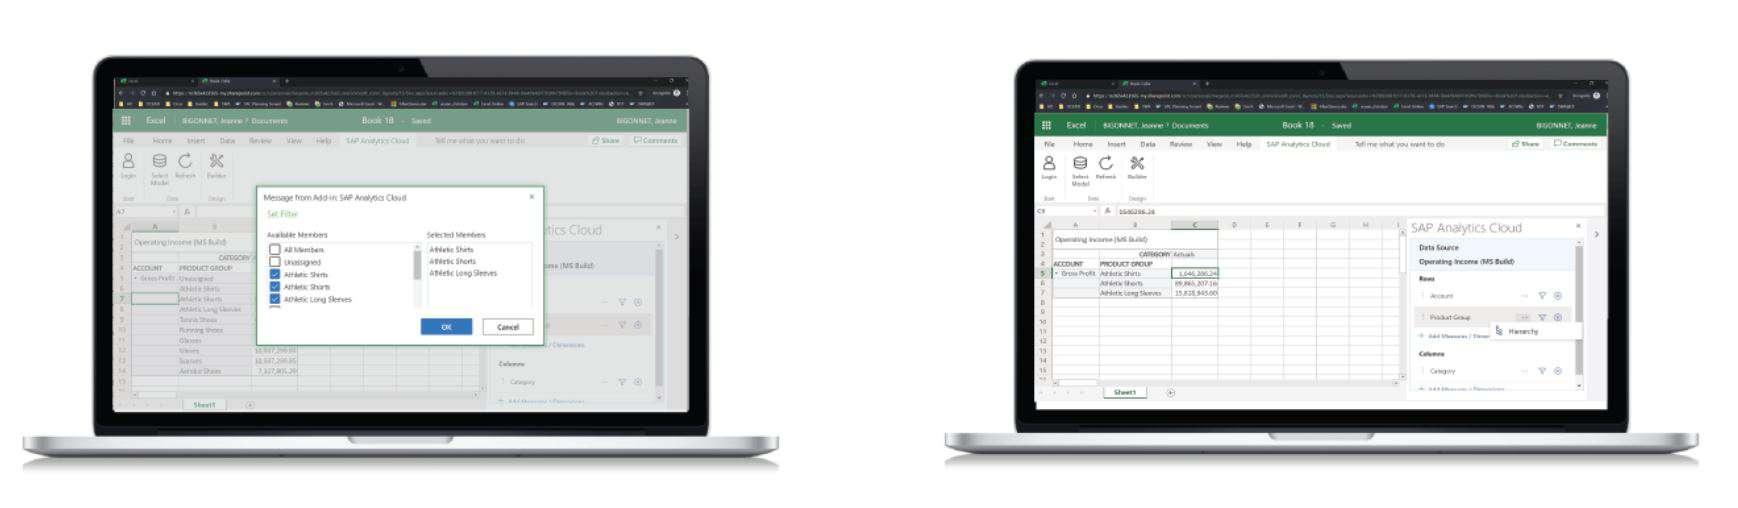 Microsoft office SAP add in 2020